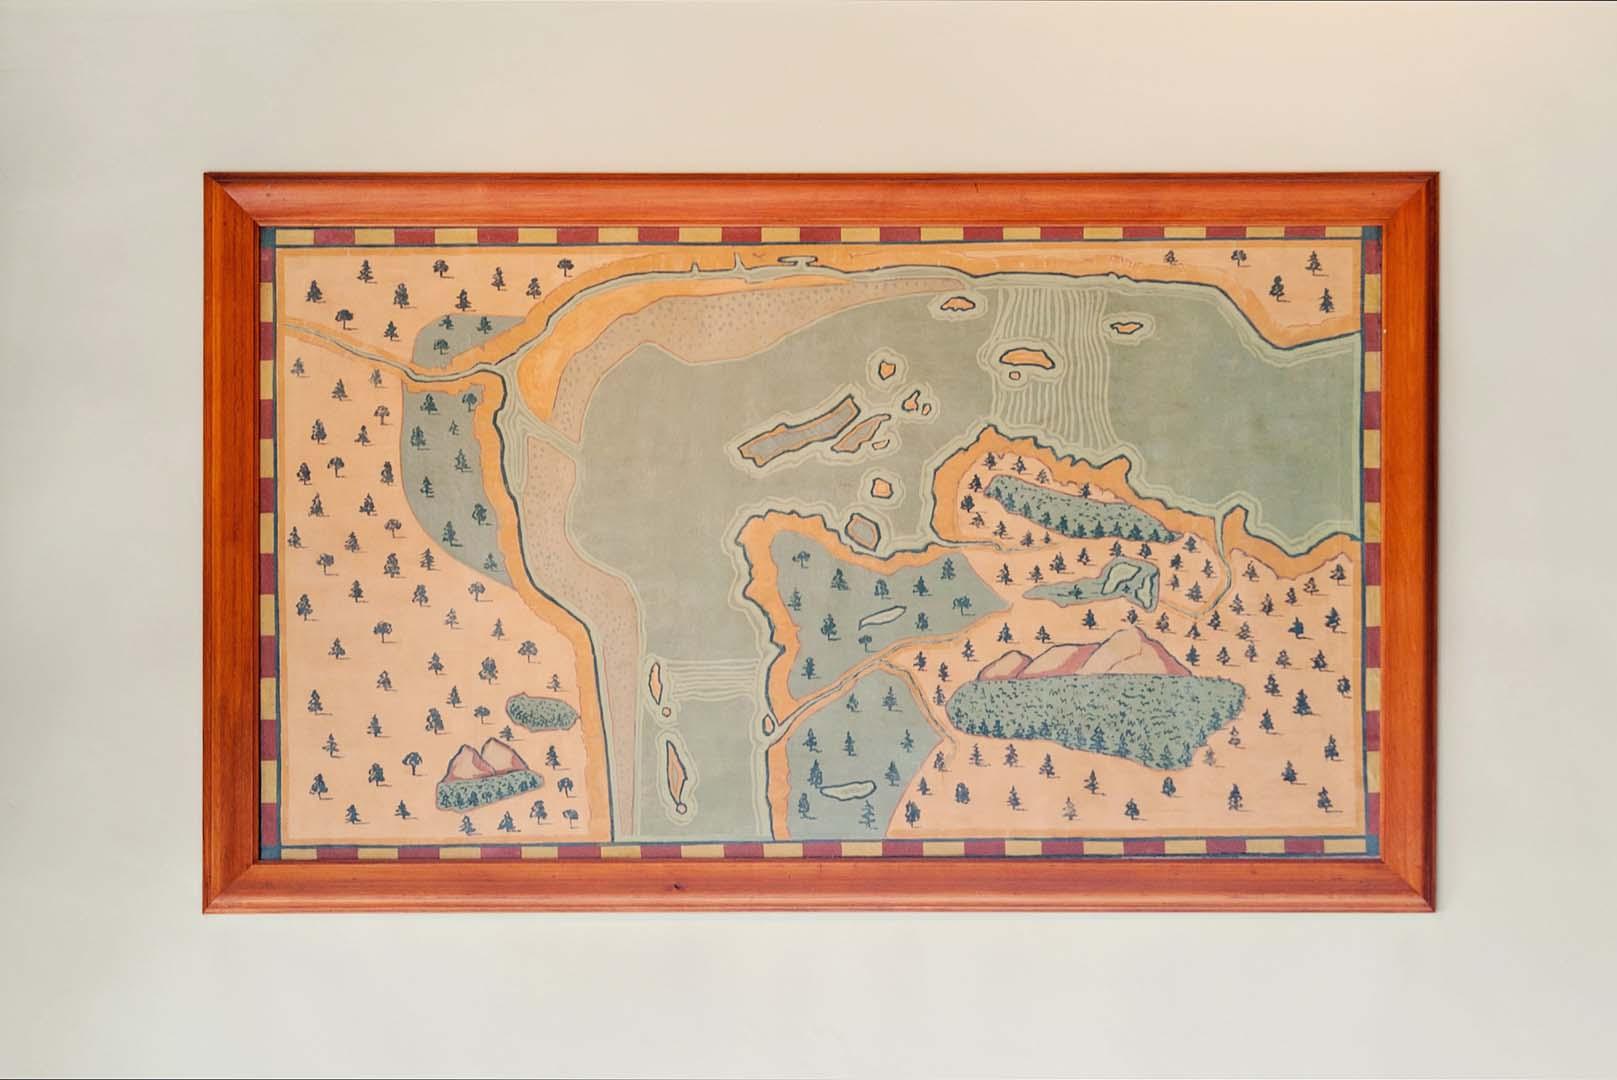 Carte du site de Montréal par Champlain en 1611, Paul-Émile Borduas